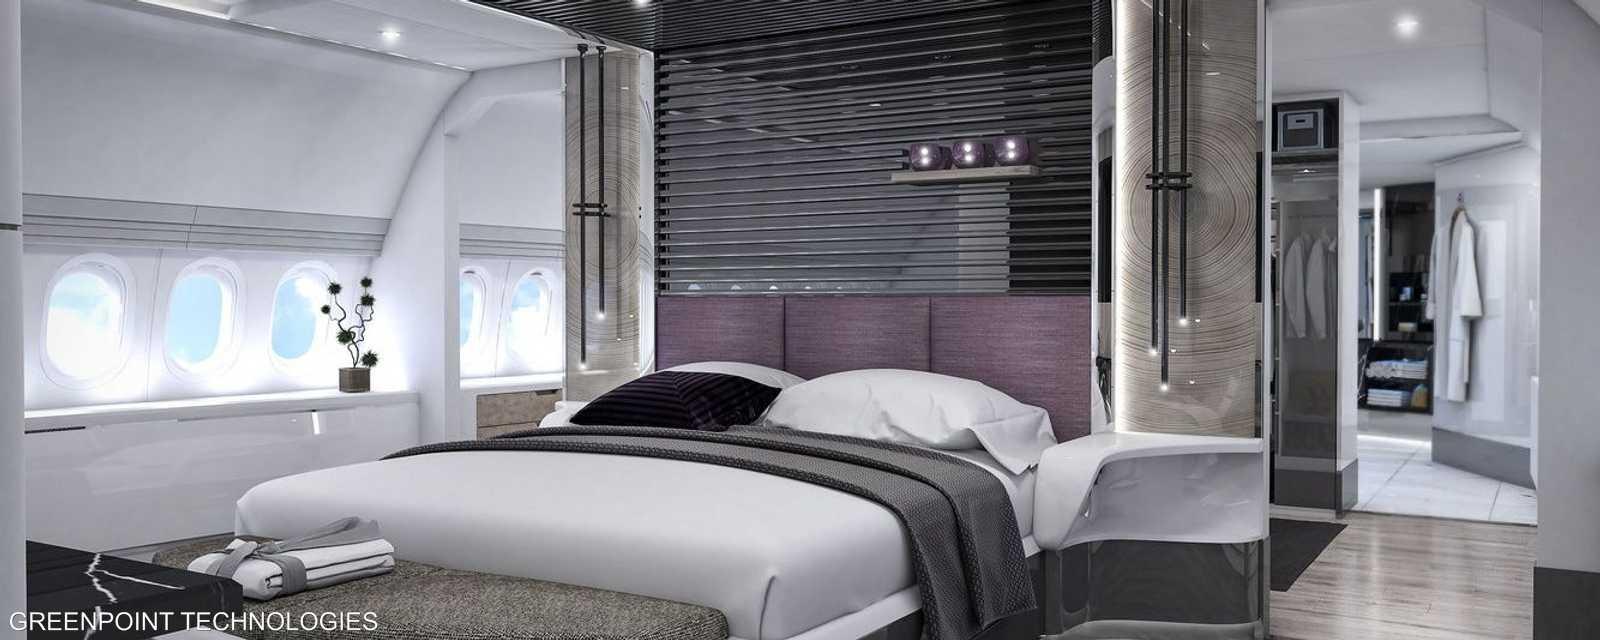 غرفة النوم الرئيسية في مؤخرة الطائرة من غرينبوينت تيك